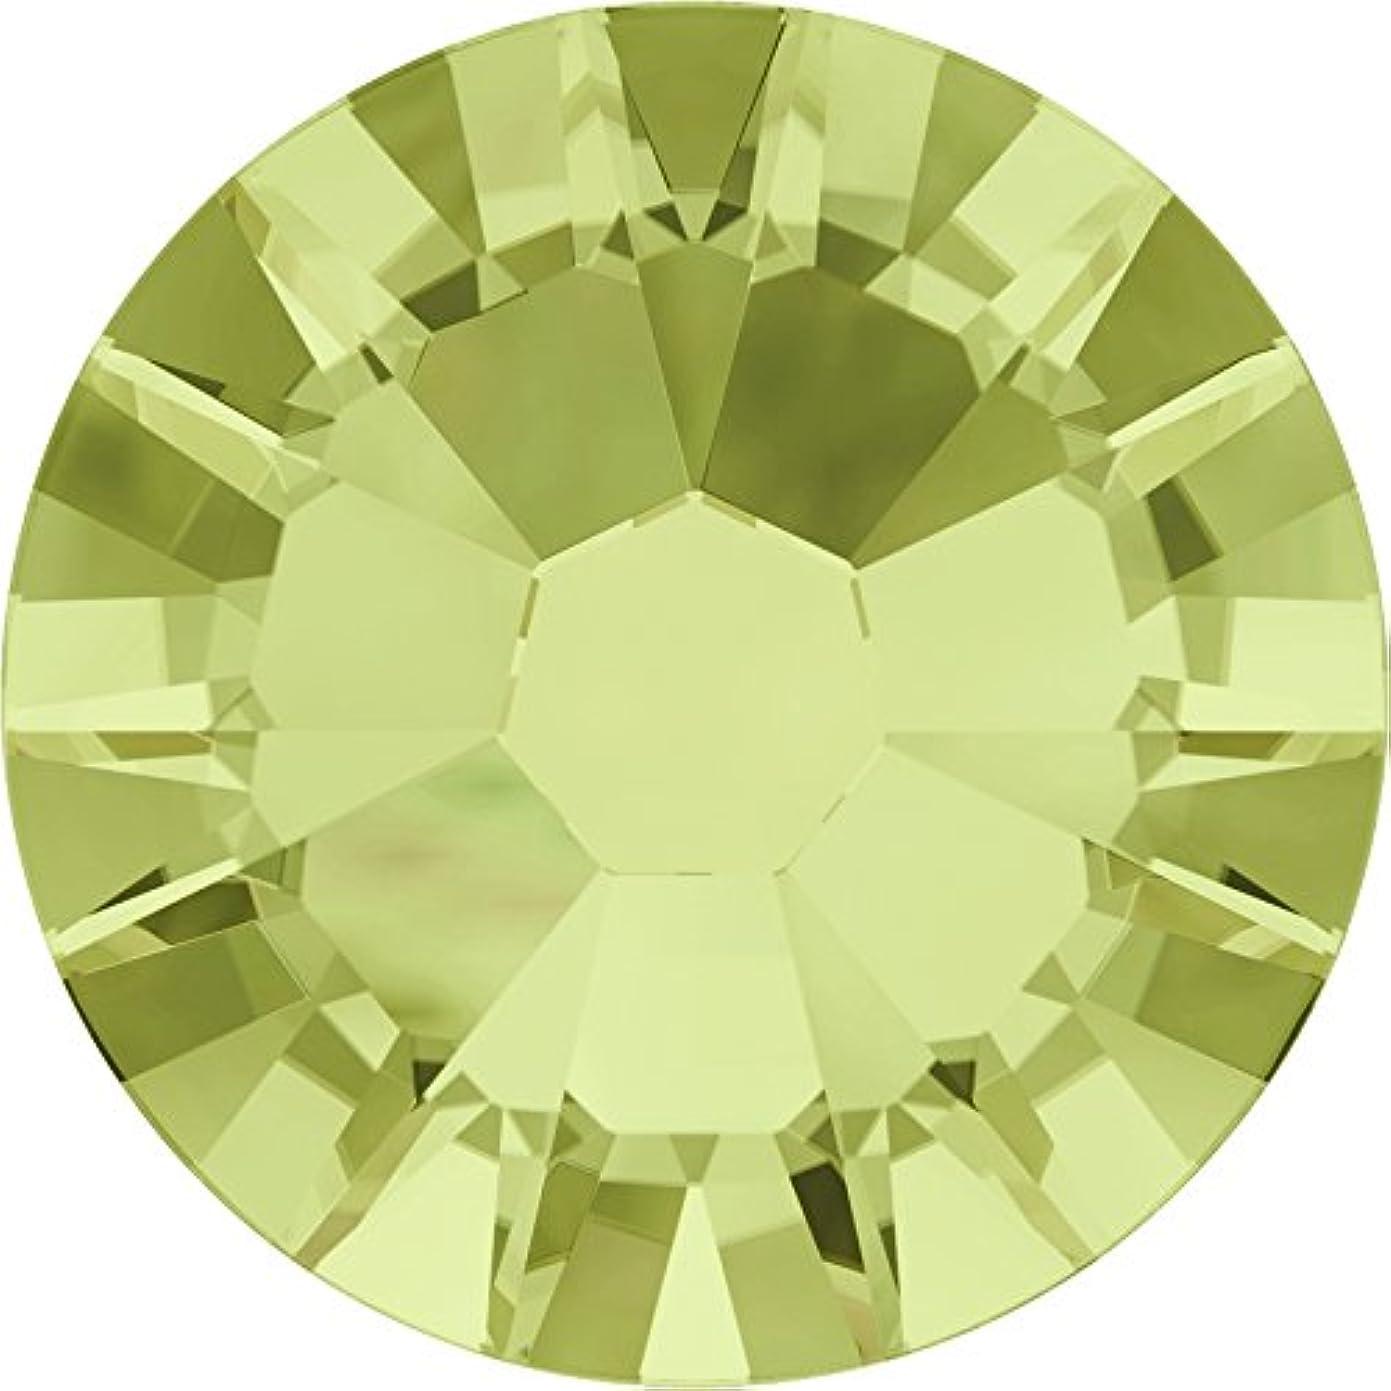 刺激する統合優しいネイルアートパーツ SS 9 シ゛ャンキル 1440P